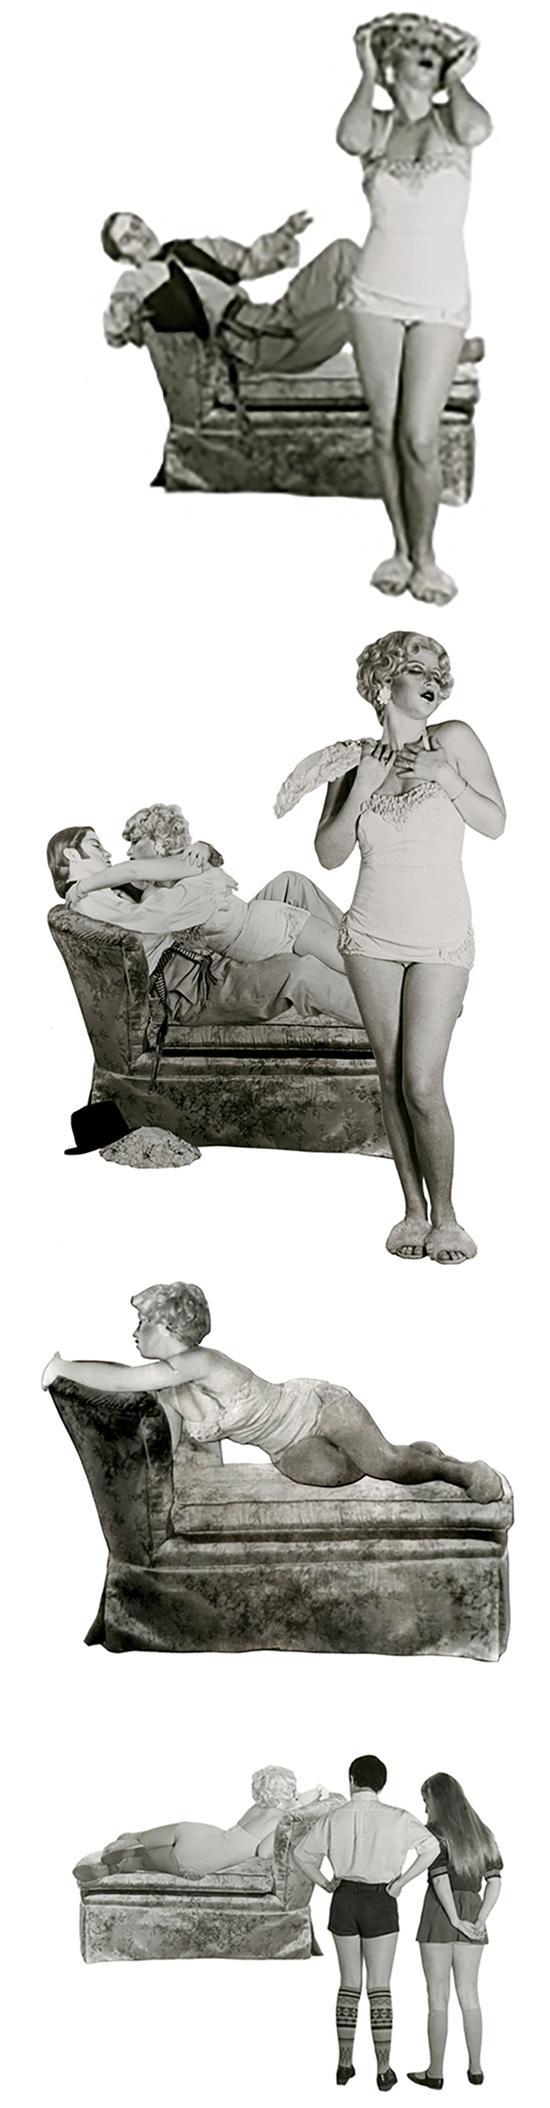 辛迪·舍曼,谋杀之谜,1976